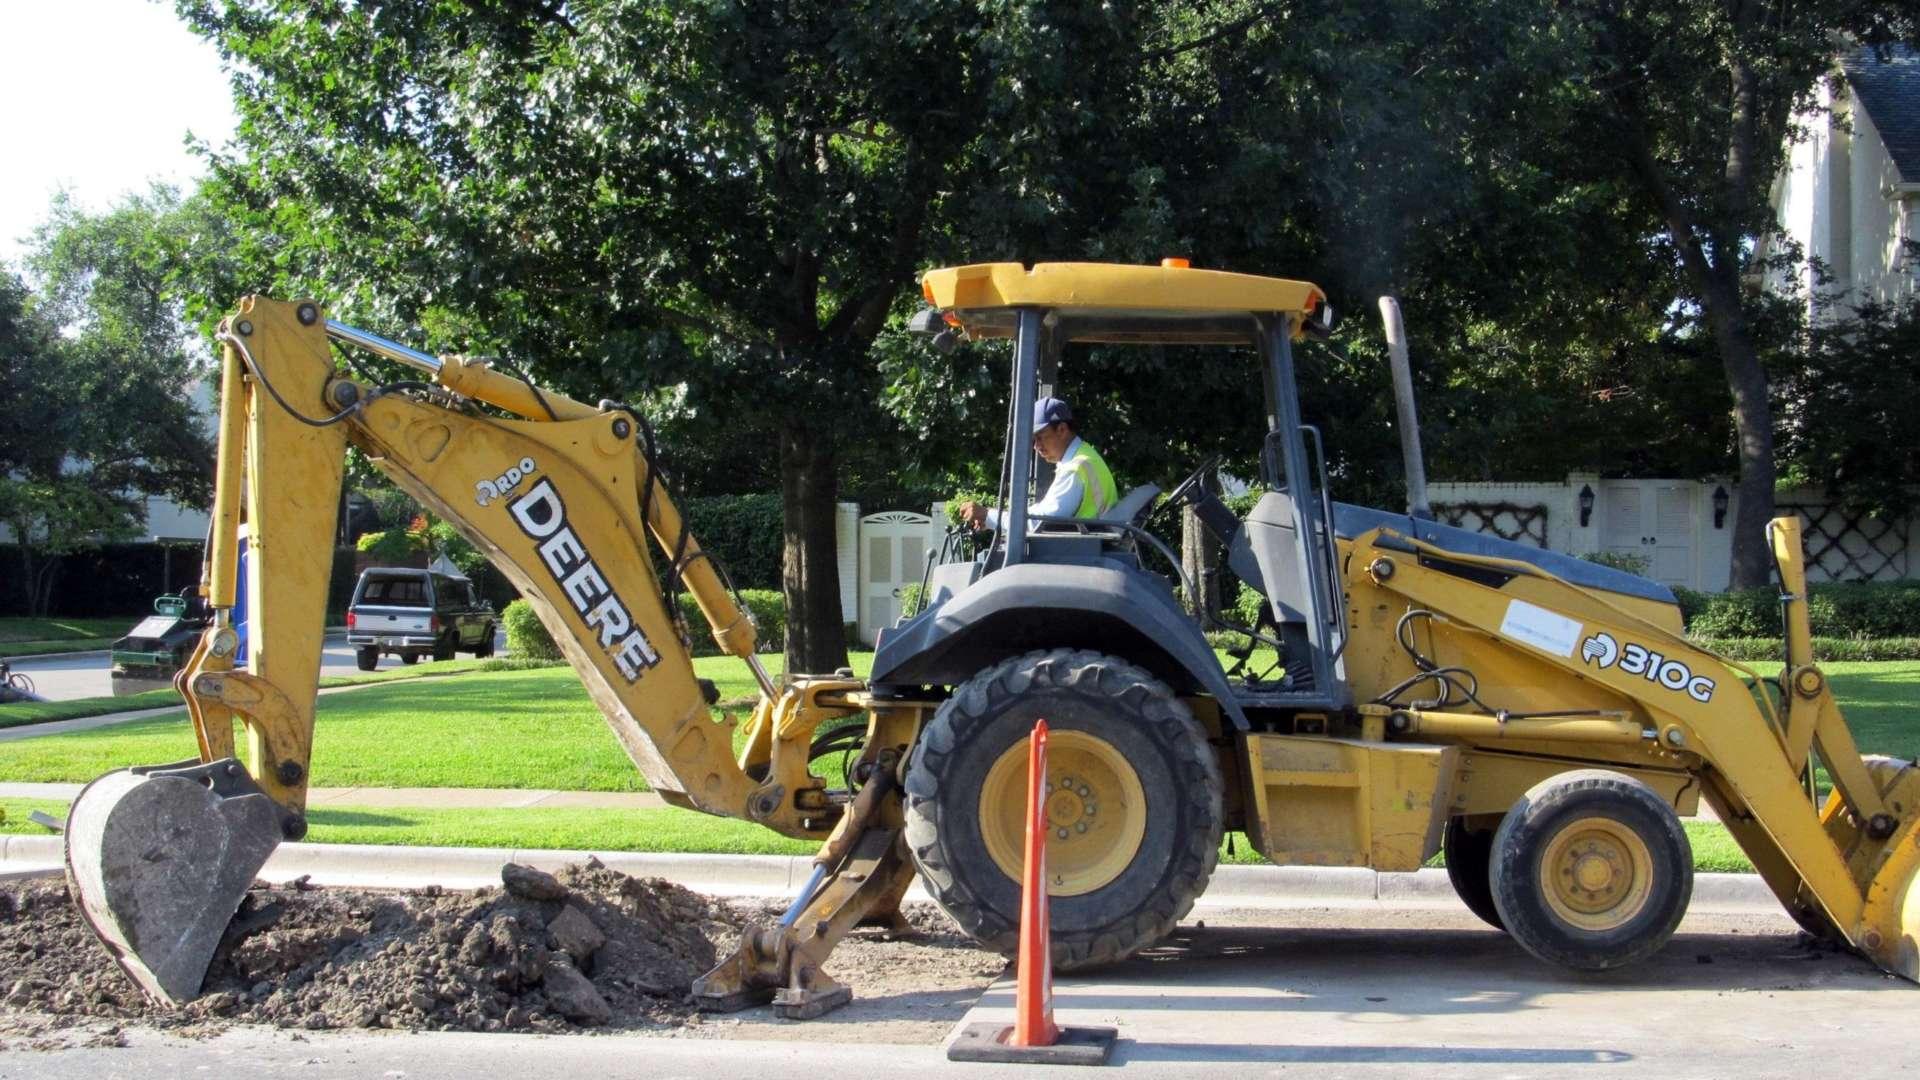 Keltainen traktorikaivin kaivaa asfalttia kadulla. On kesäpäivä.